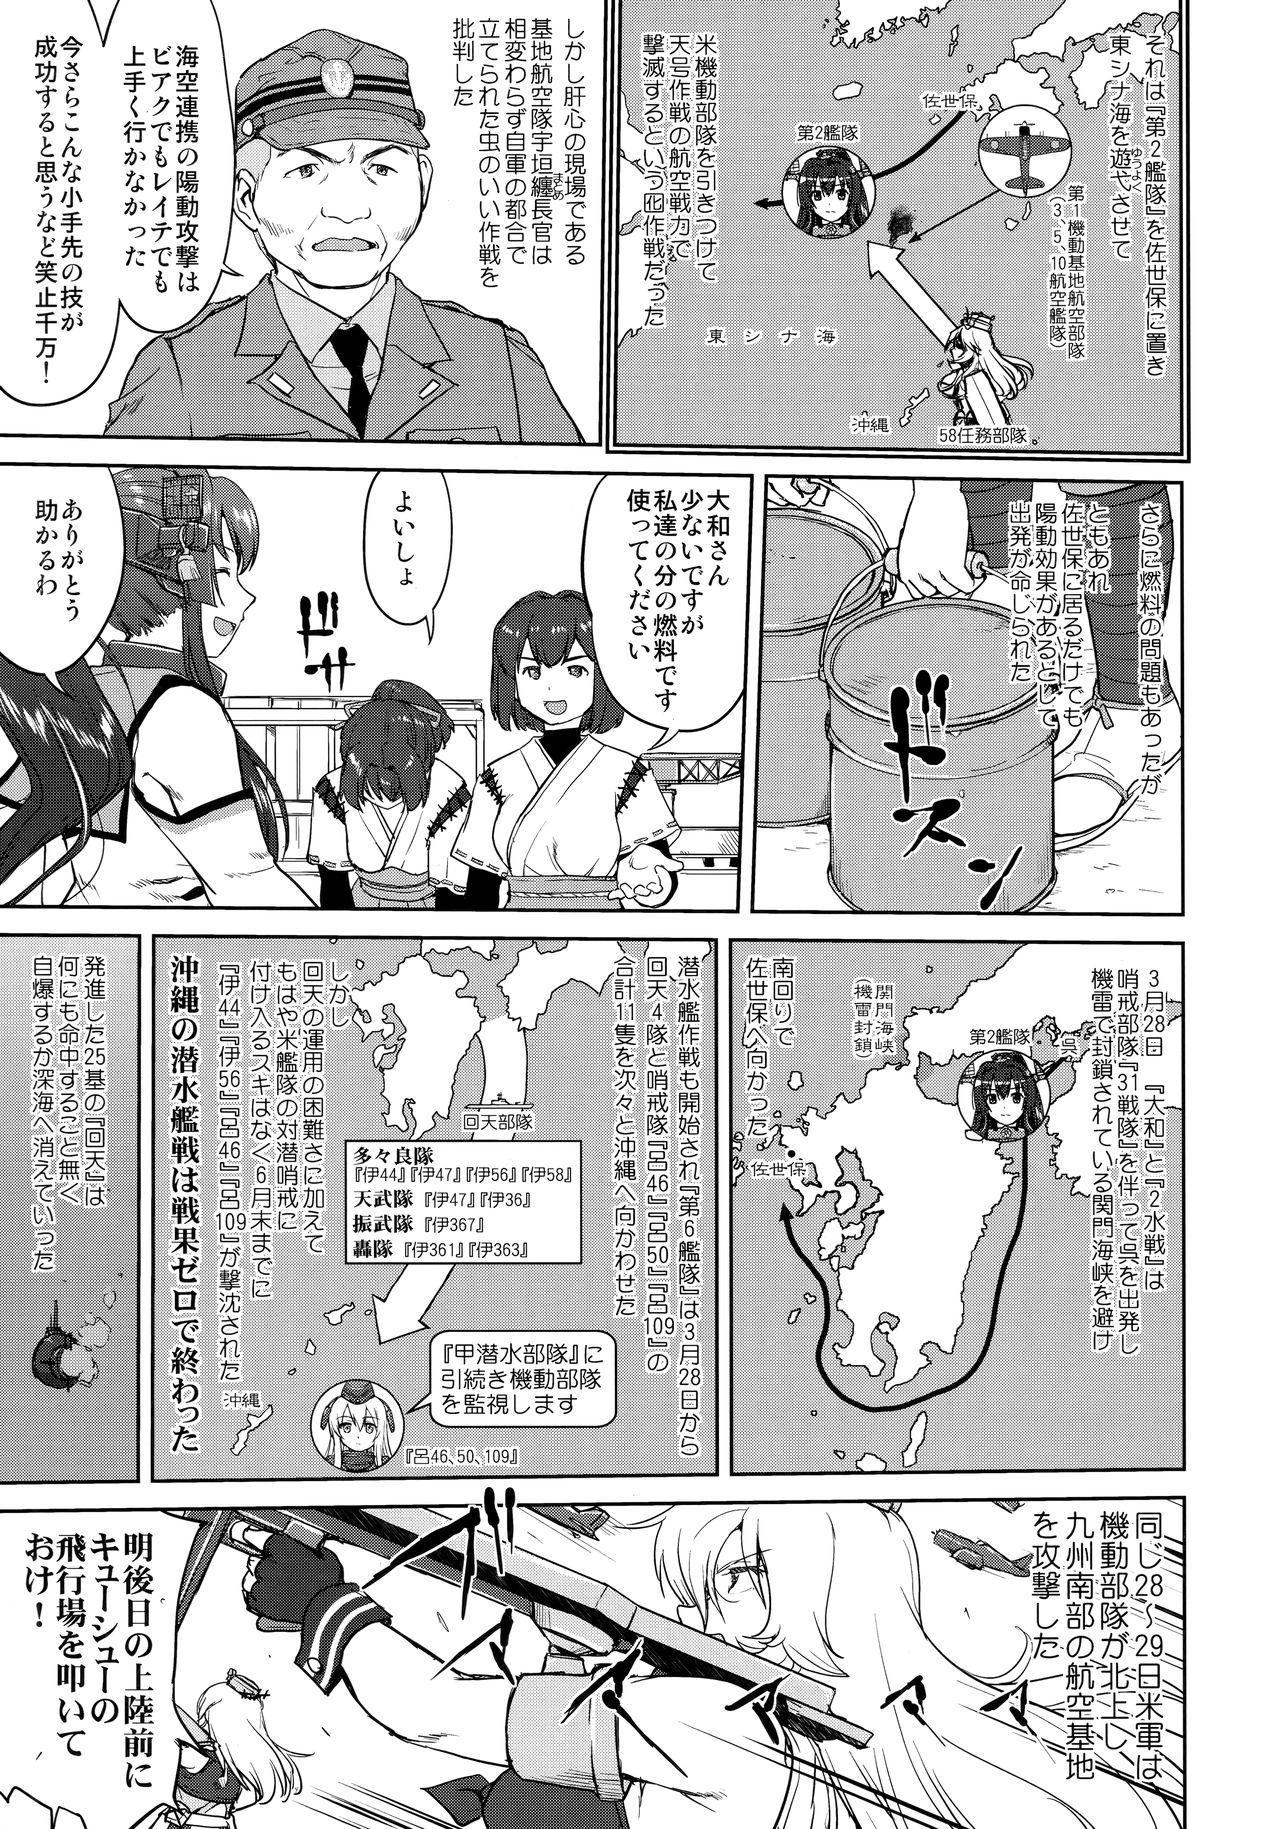 Teitoku no Ketsudan Kanmusu no Ichiban Nagai Hi 4